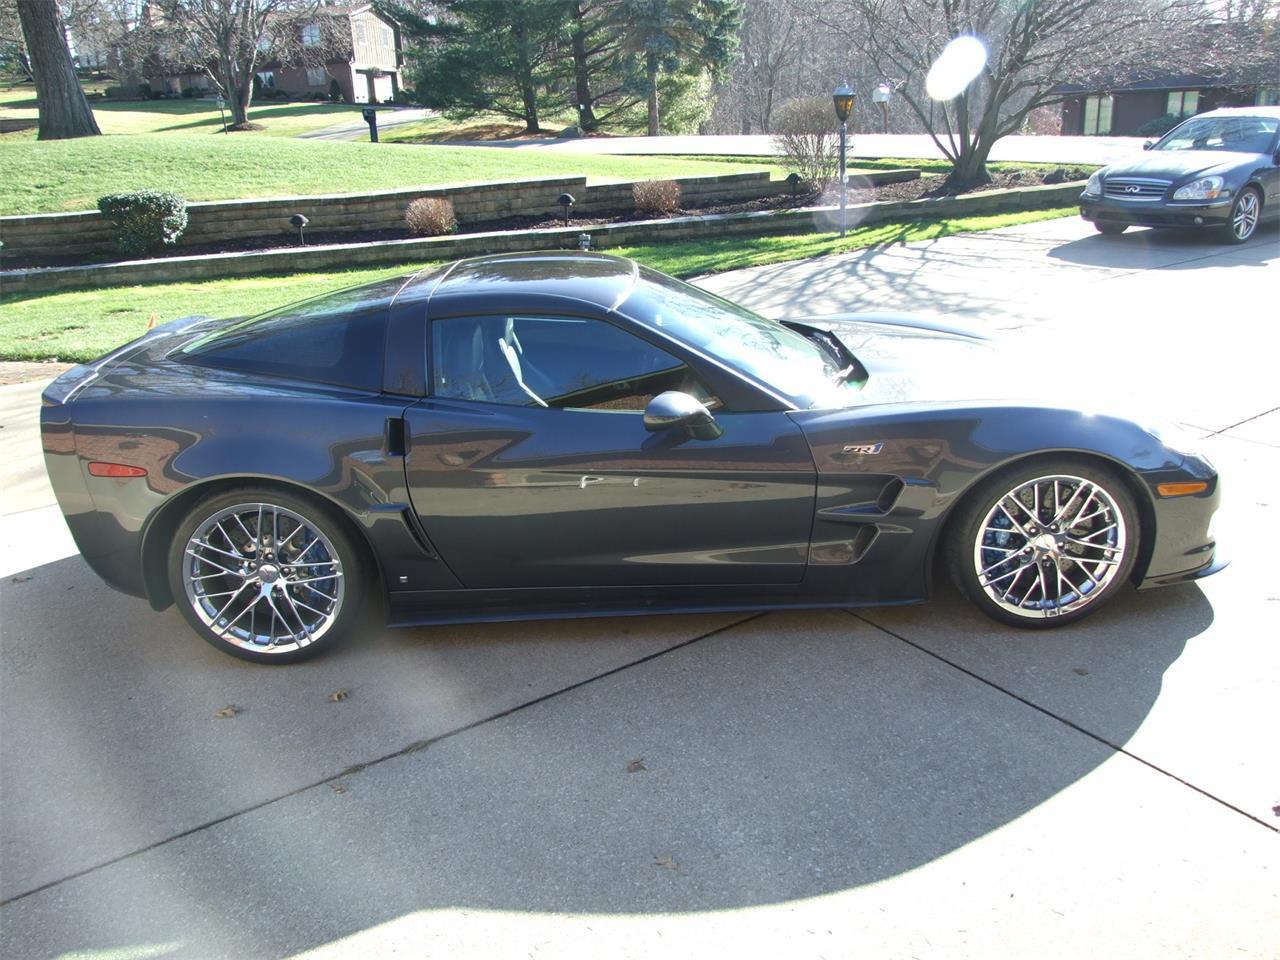 Large Picture of '09 Corvette ZR1 located in Ohio - $75,000.00 - DJBI